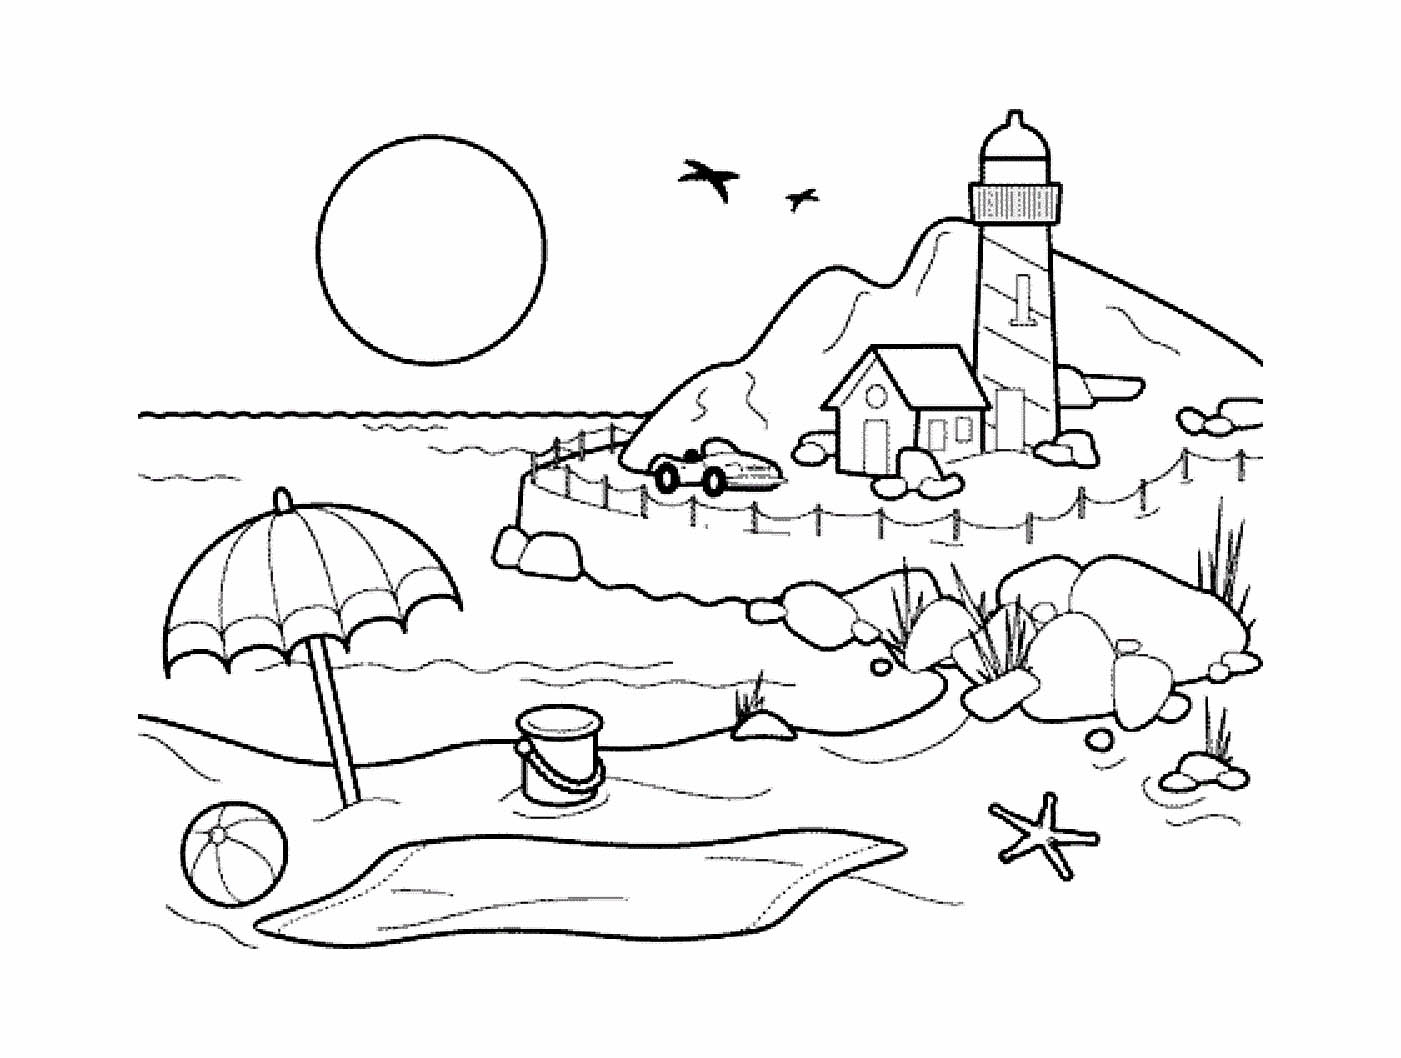 Image De Vacances À La Mer À Imprimer Et Colorier dedans Coloriage Sur La Mer À Imprimer